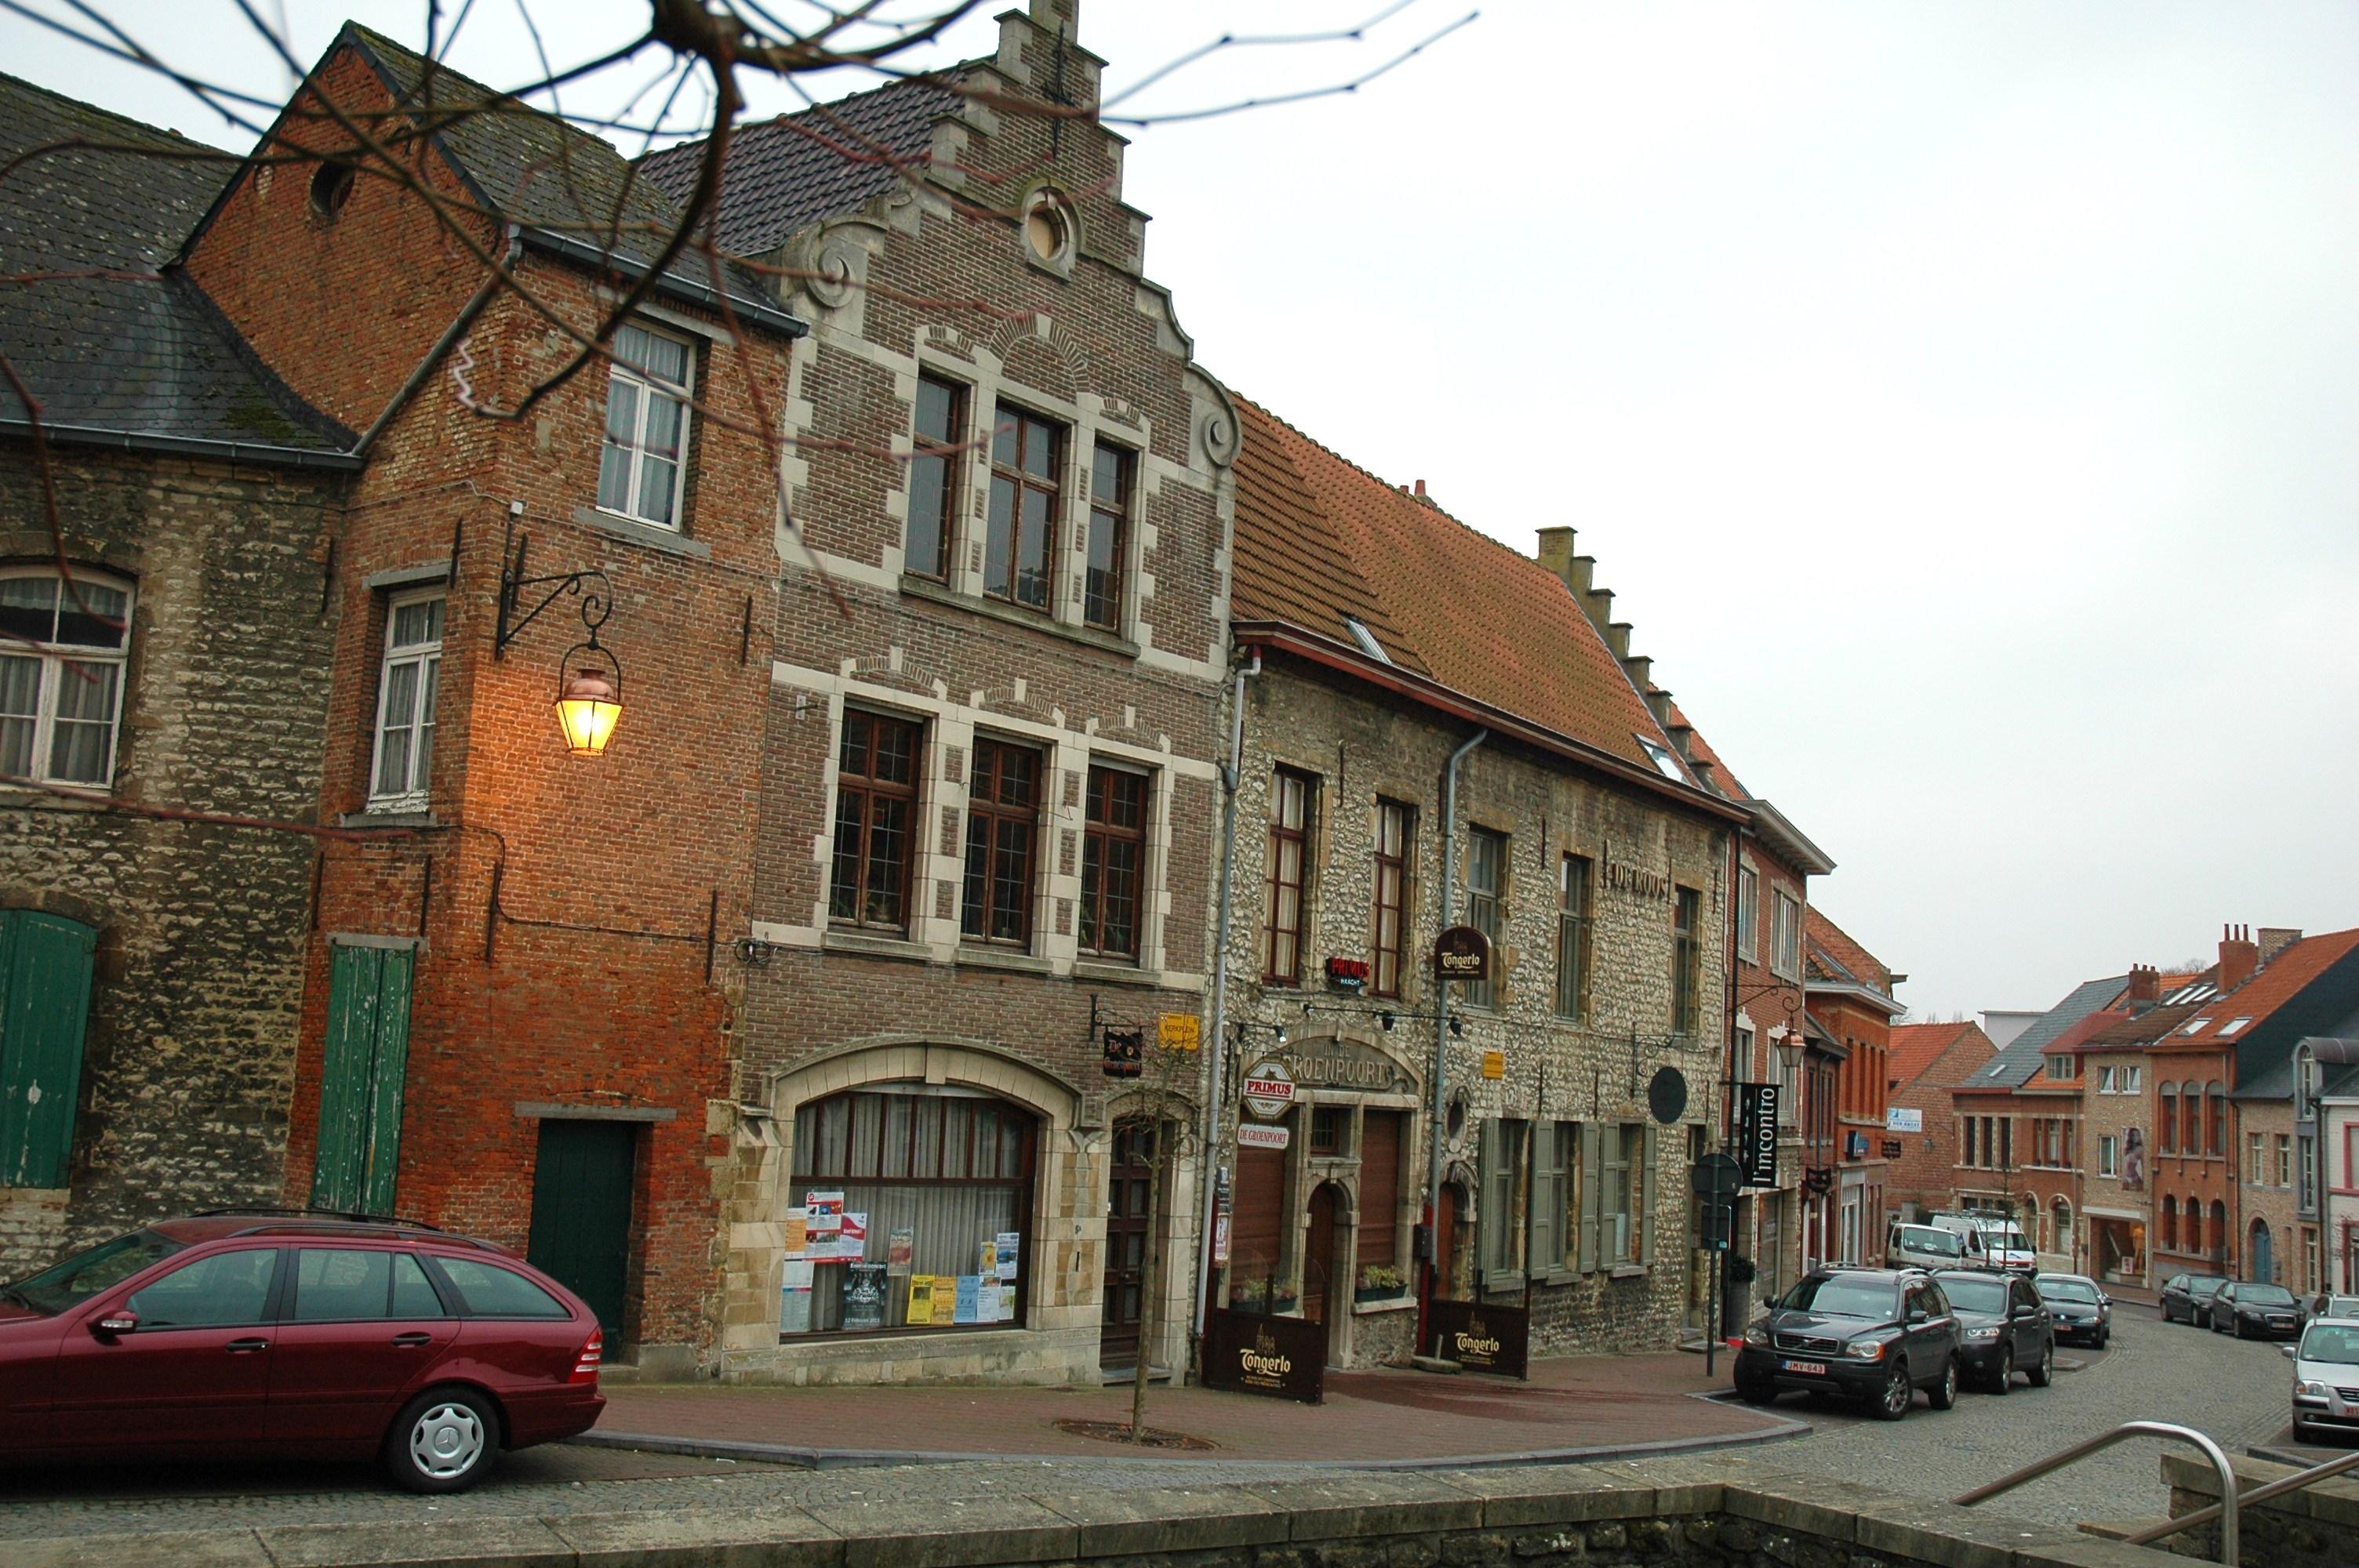 Echange de maison en belgique camago - Maison de reve belgique ...